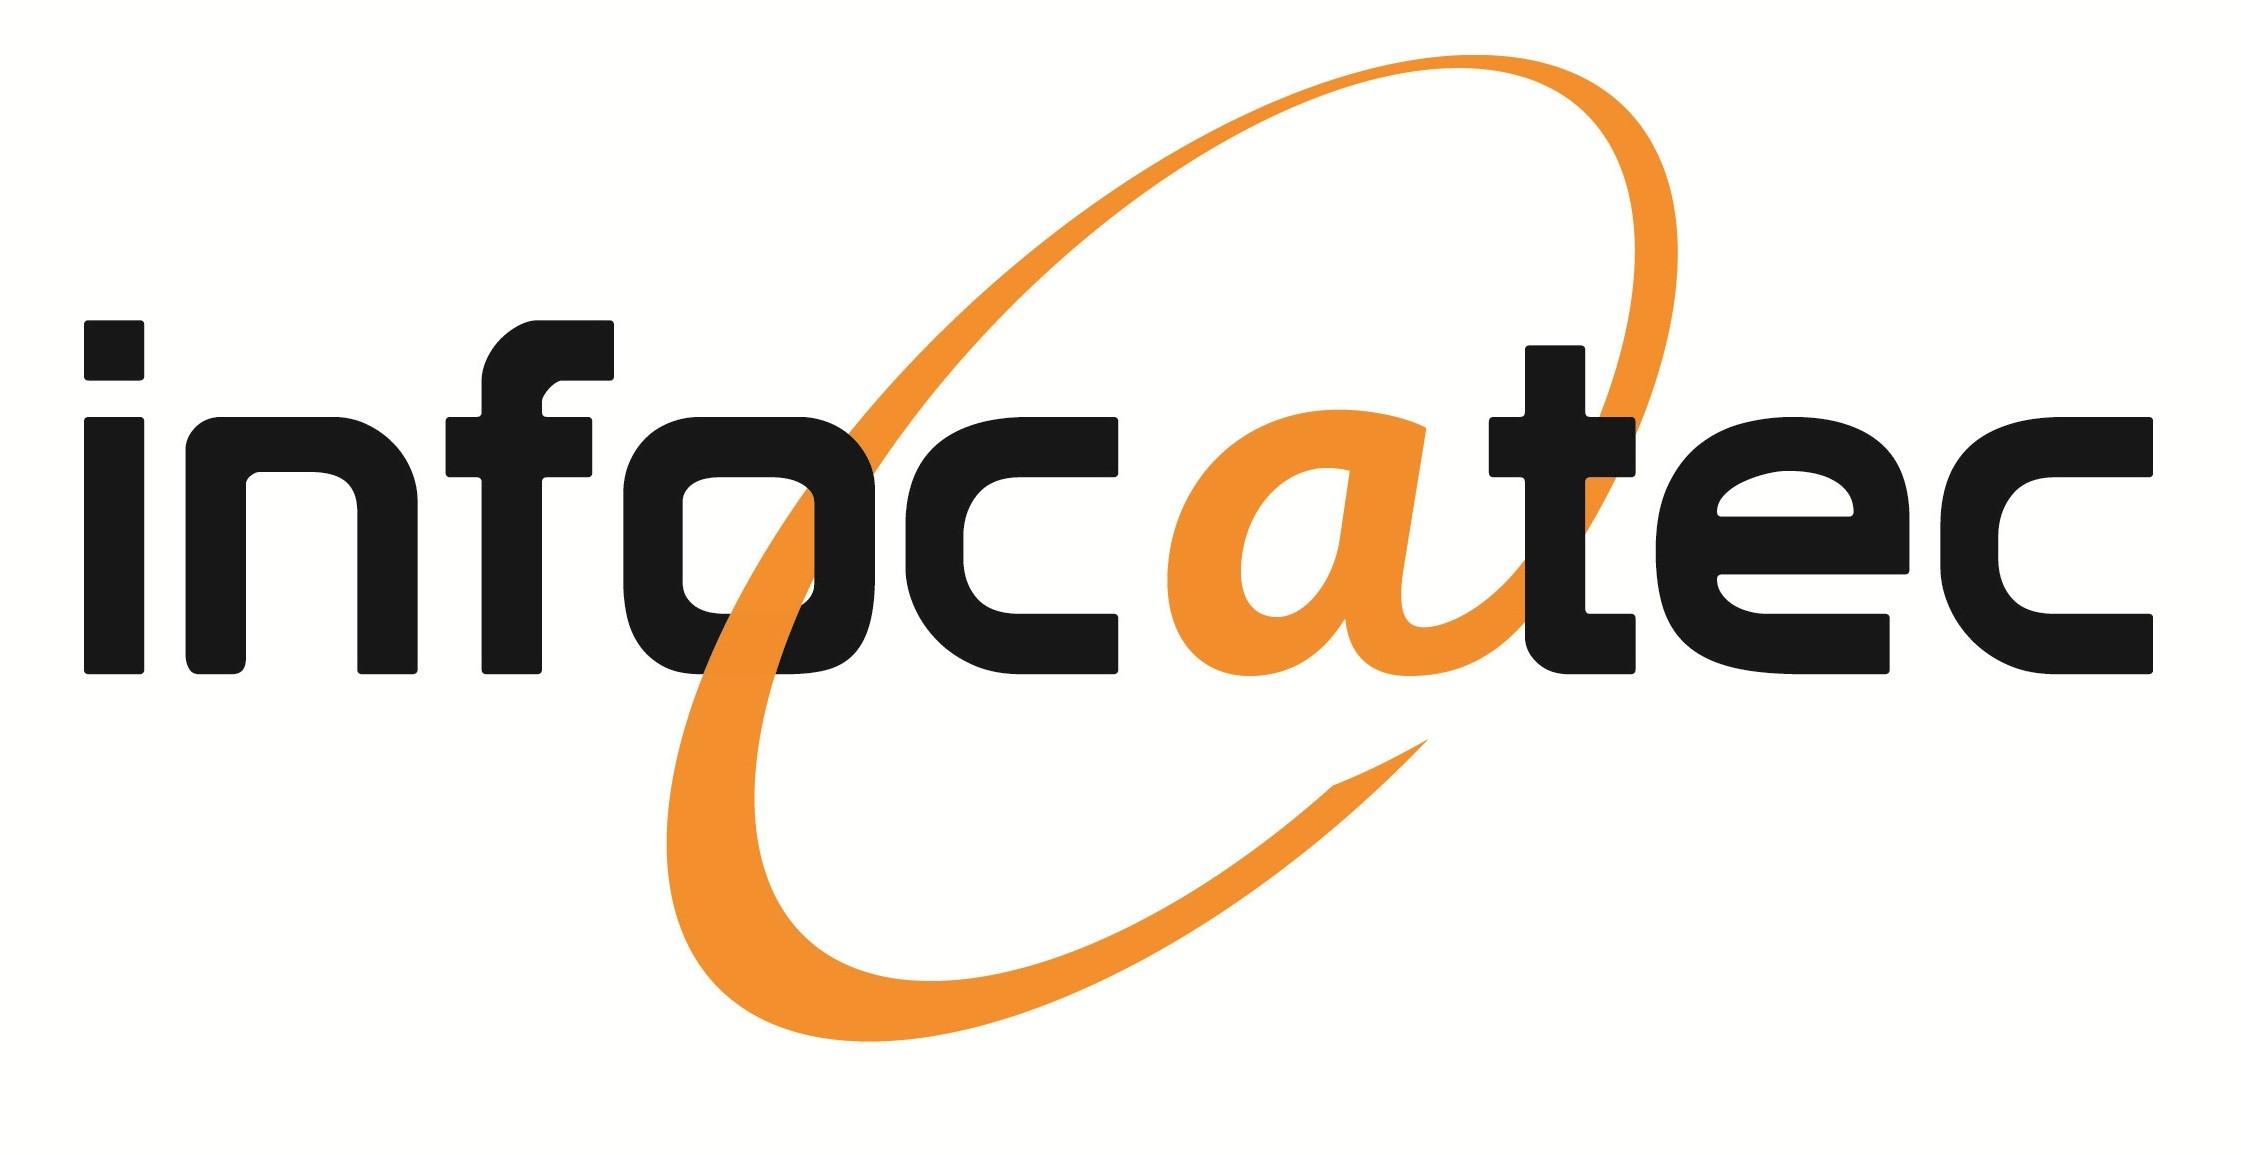 infocatec